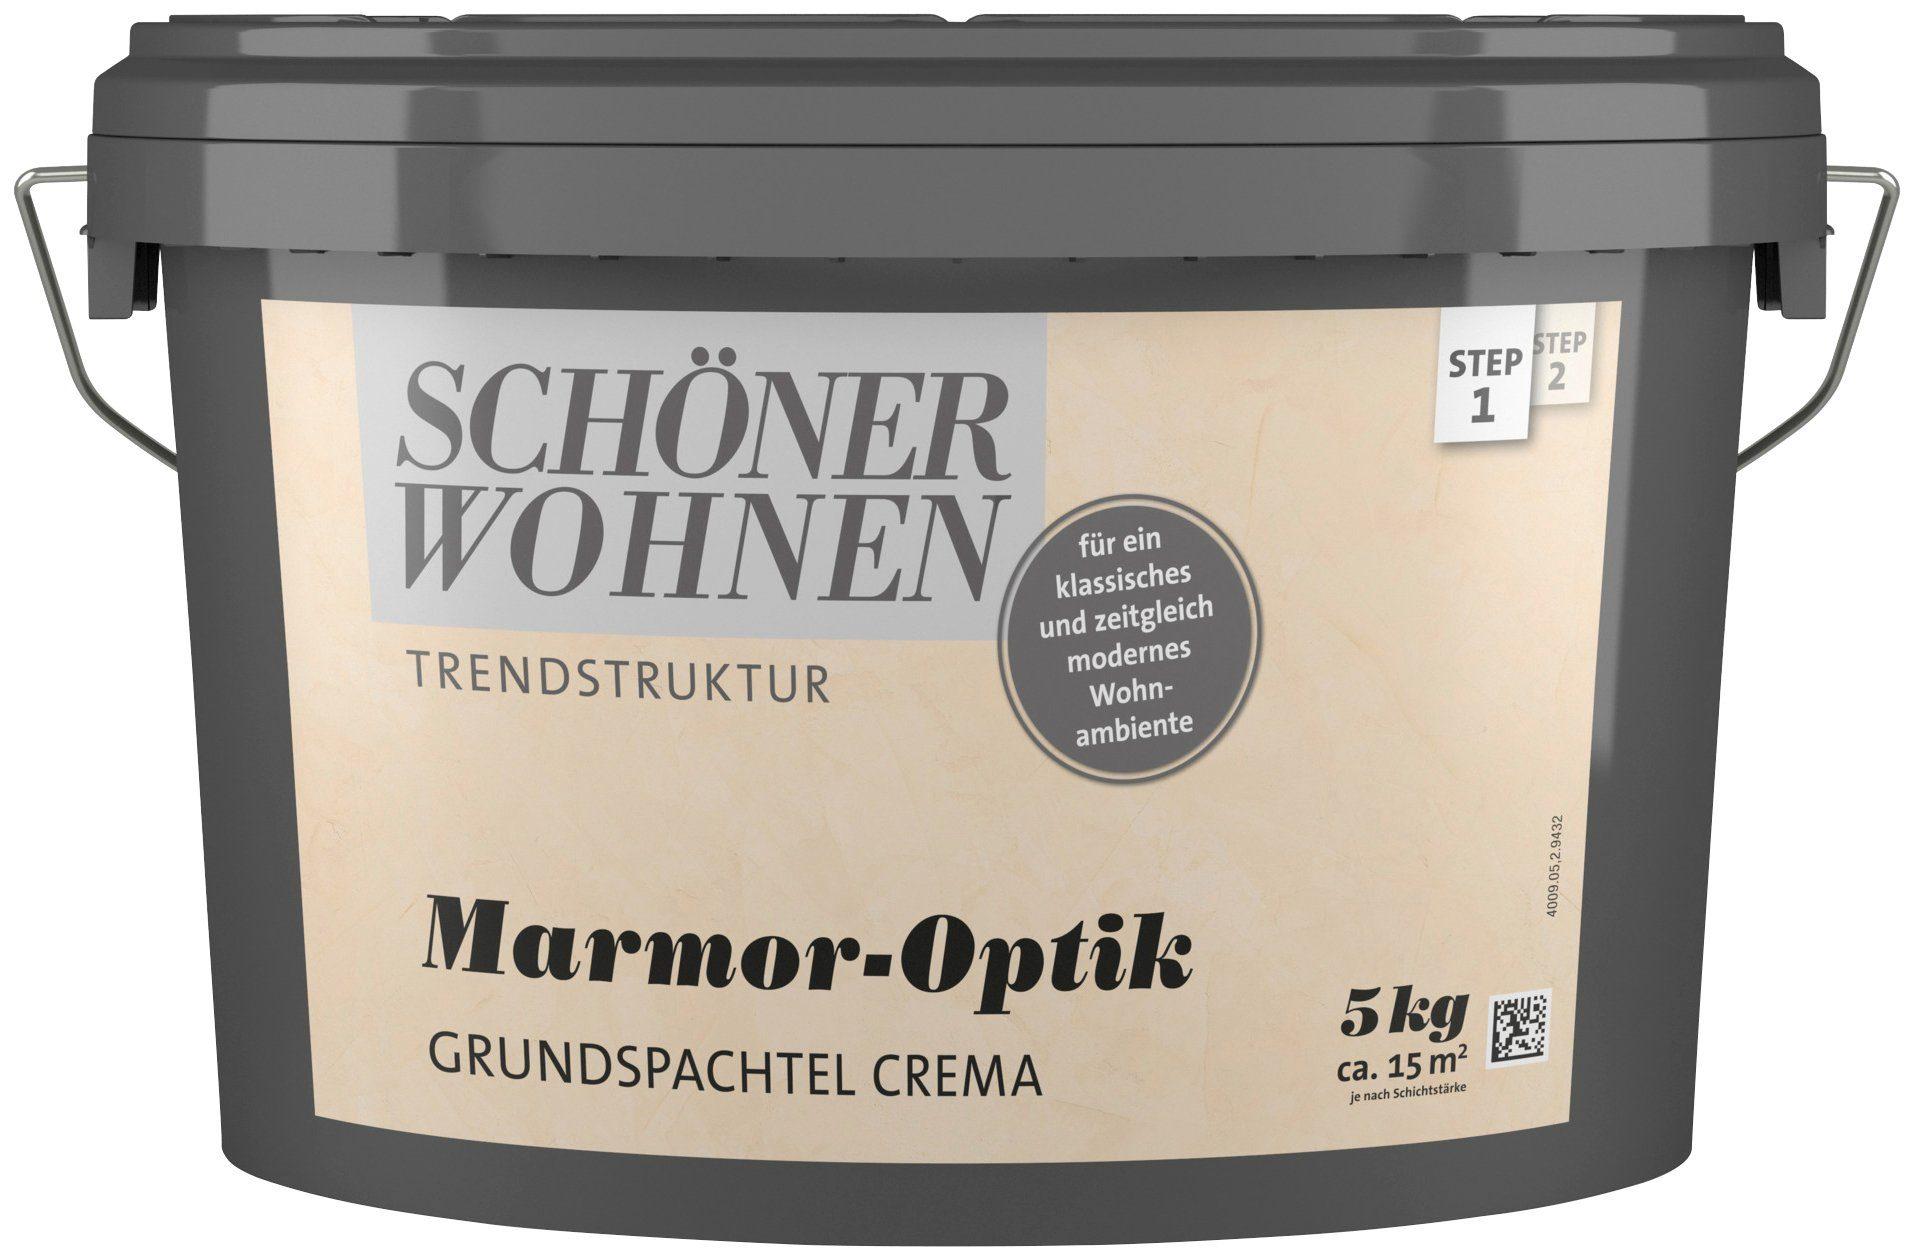 SCHÖNER WOHNEN FARBE Spachtelmasse »Marmoroptik Grundspachtel crema«, 5 kg